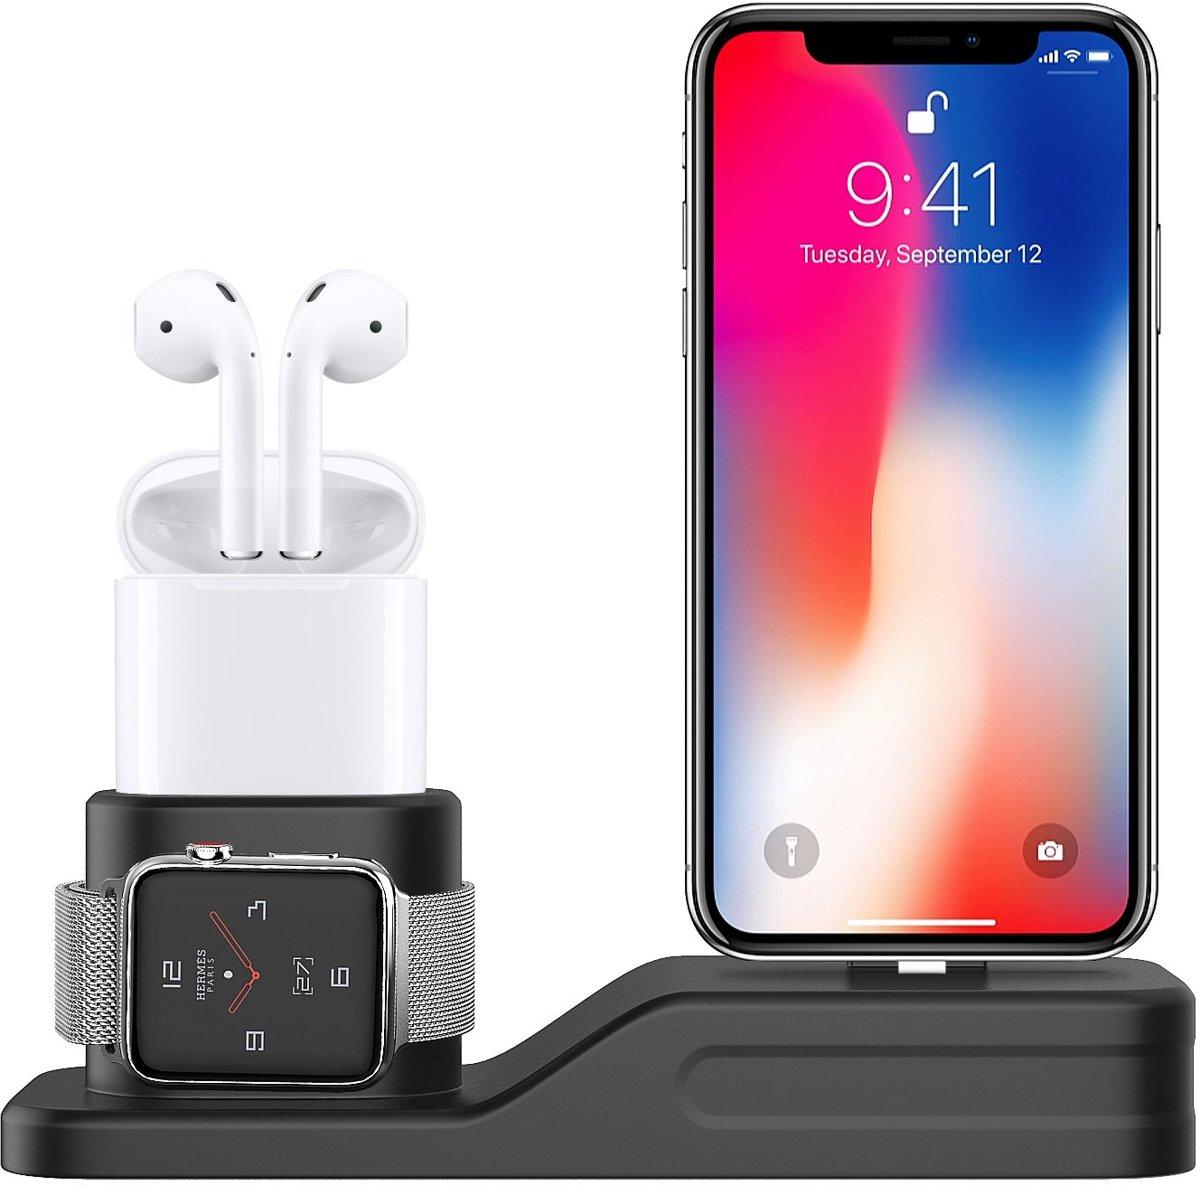 Sneed ® 4 in 1 Oplaadstation - Geschikt voor Apple IPhone / Airpods / Apple Watch / Apple Pencil - Charging Dock - Charging Base - Siliconen - Milieuvriendelijk - Multi-functioneel - Draadloze oortjes - iWatch - Zwart kopen